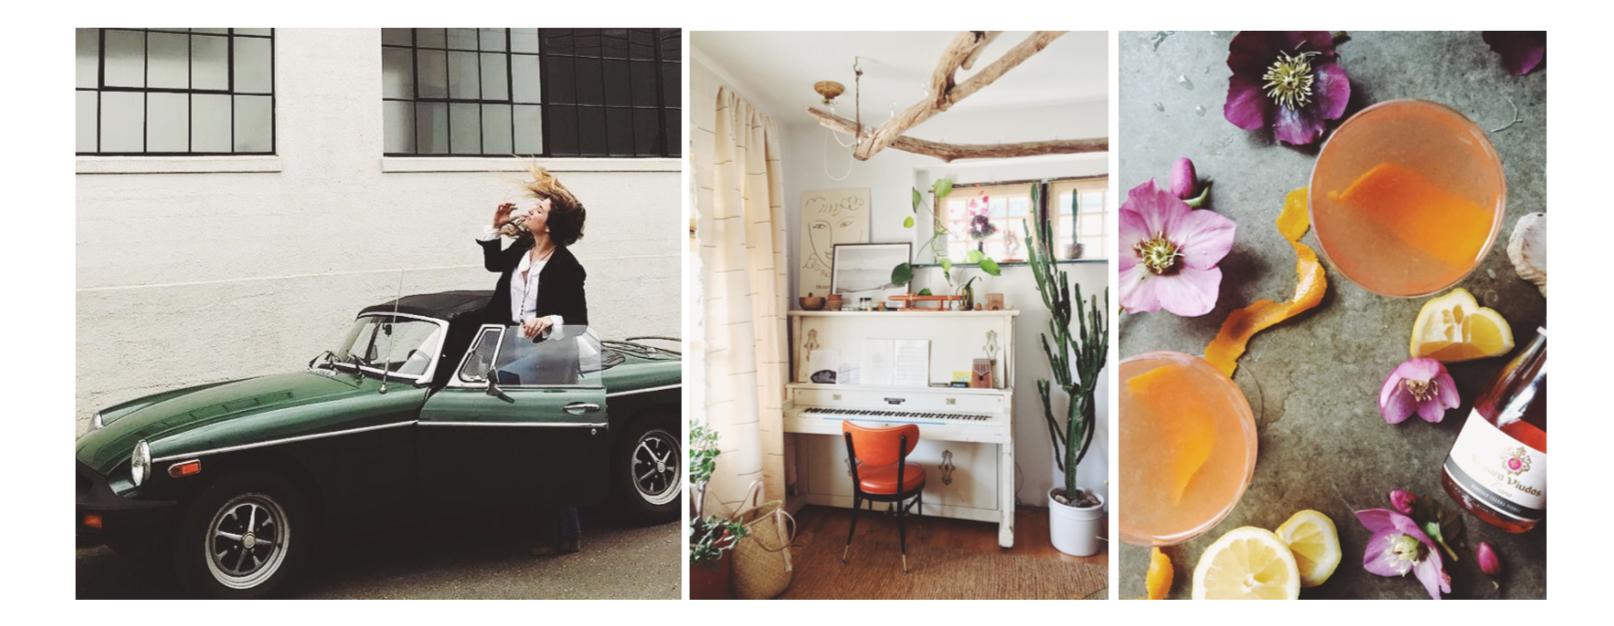 Emily Katz roadtrip photo collage